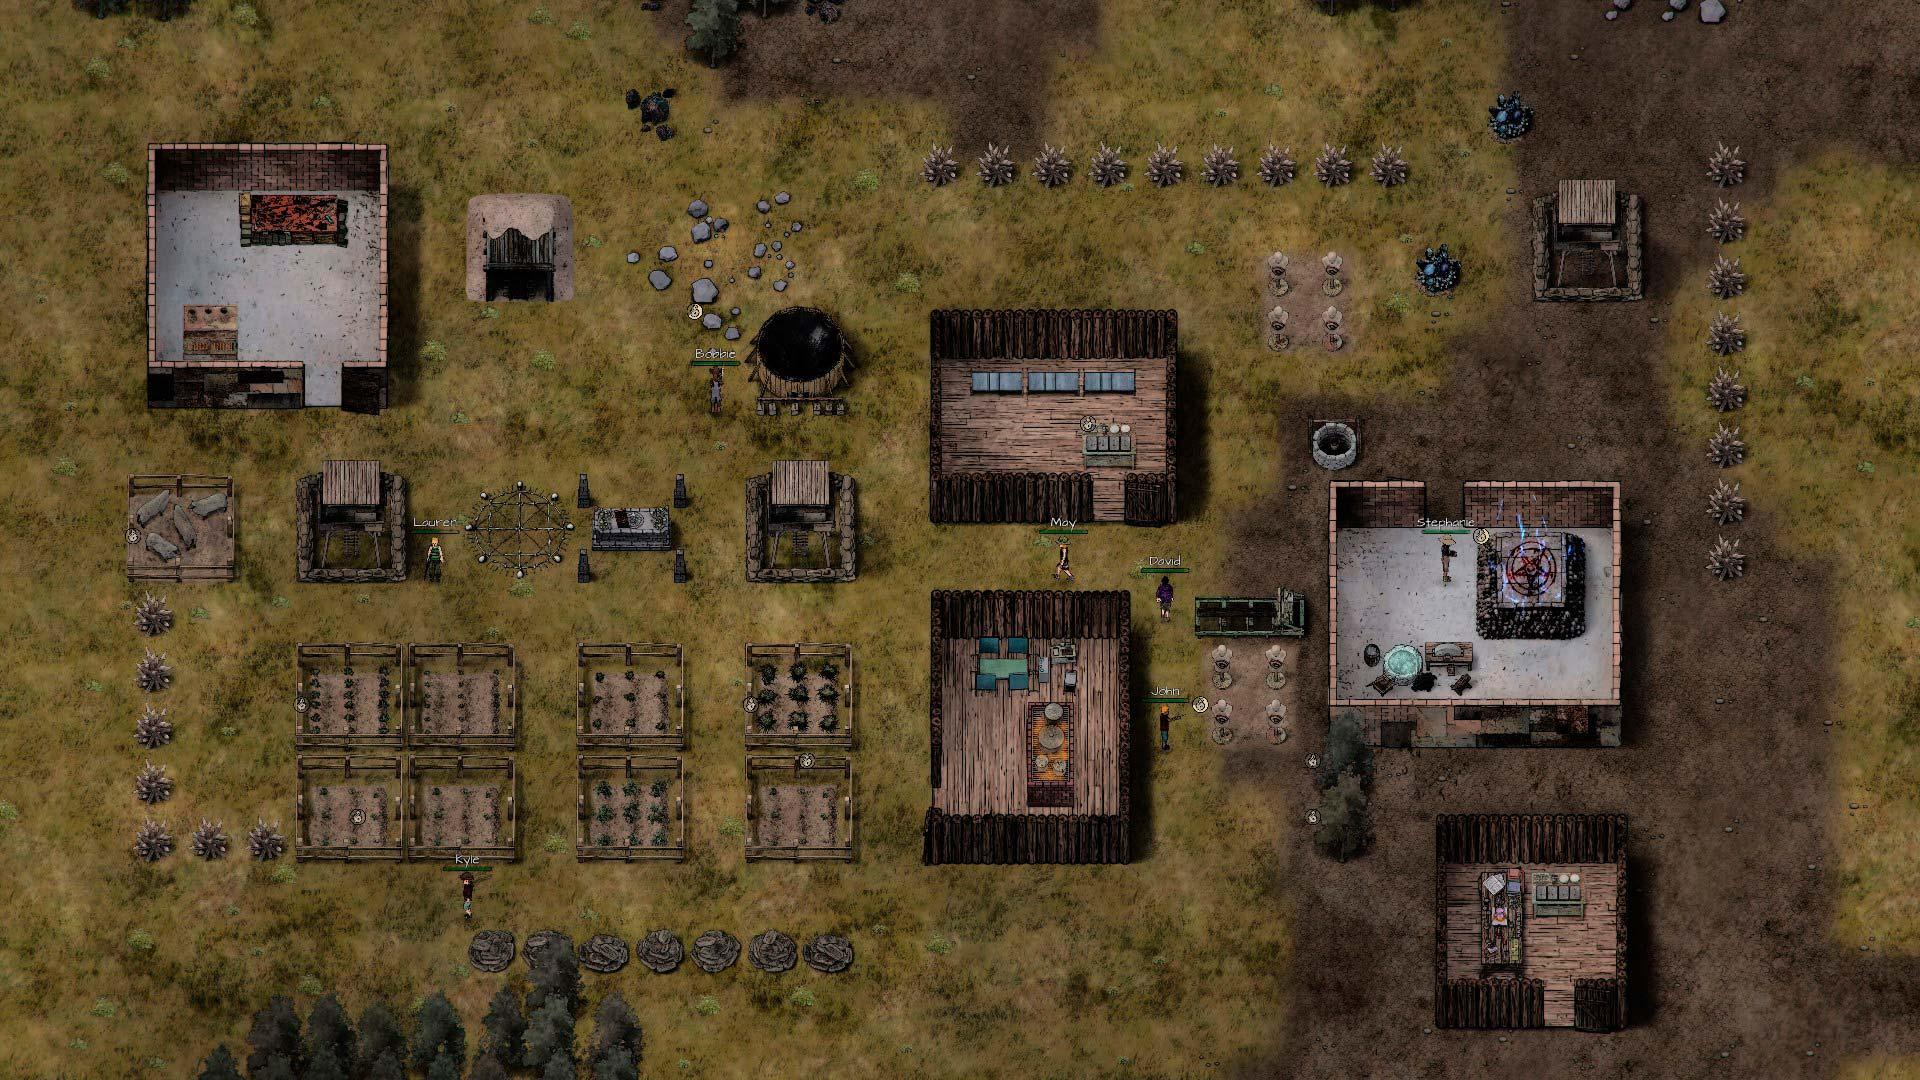 Скриншоты к Judgment Apocalypse Survival Simulation The Samurai v1.1.4 (RUS) полная версия